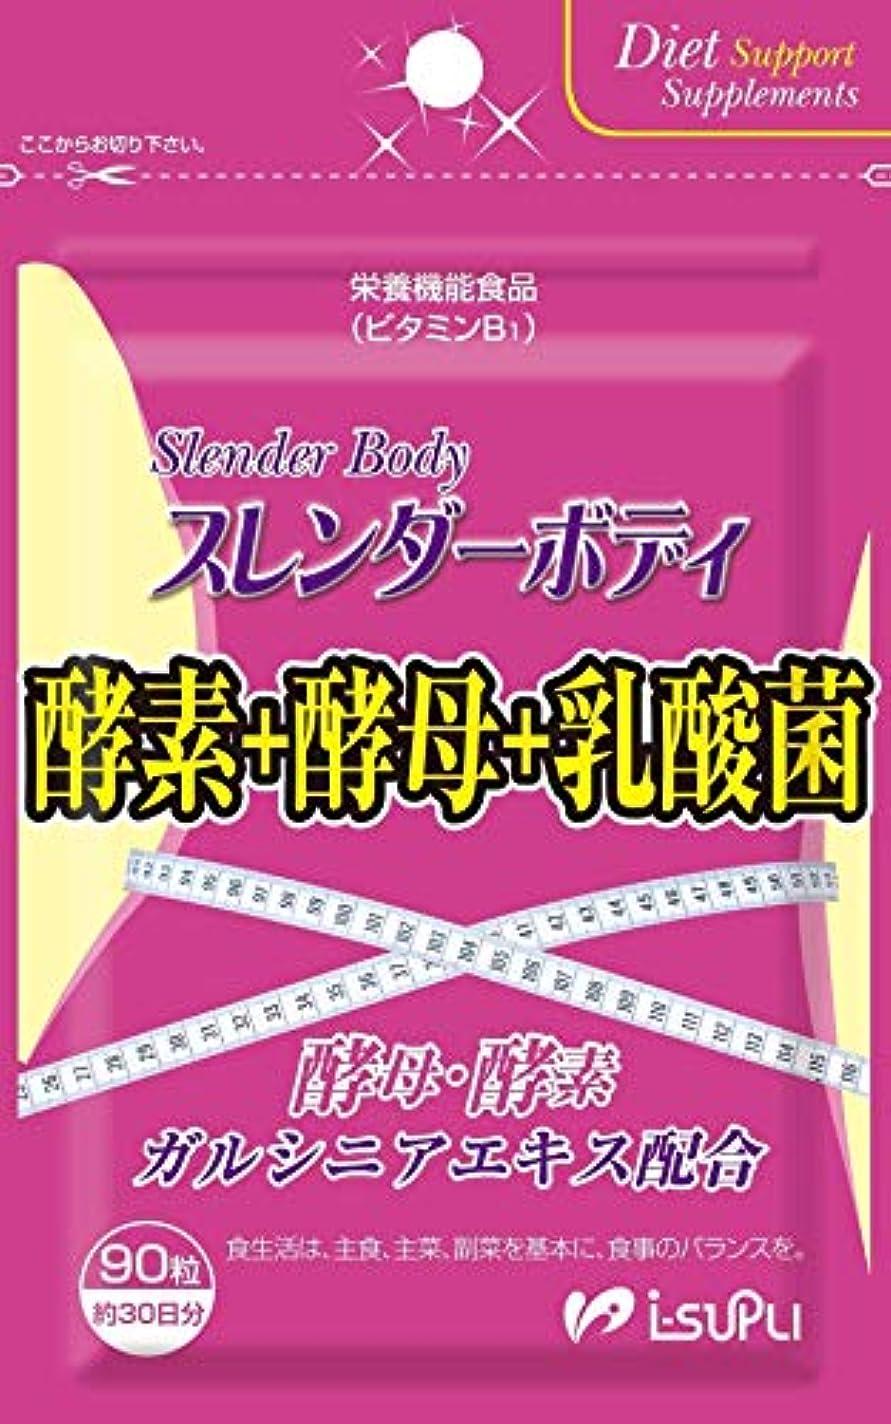 アソシエイト誤ってアーティスト酵素サプリ スレンダーボディ ダイエットサプリ 日本製 90粒